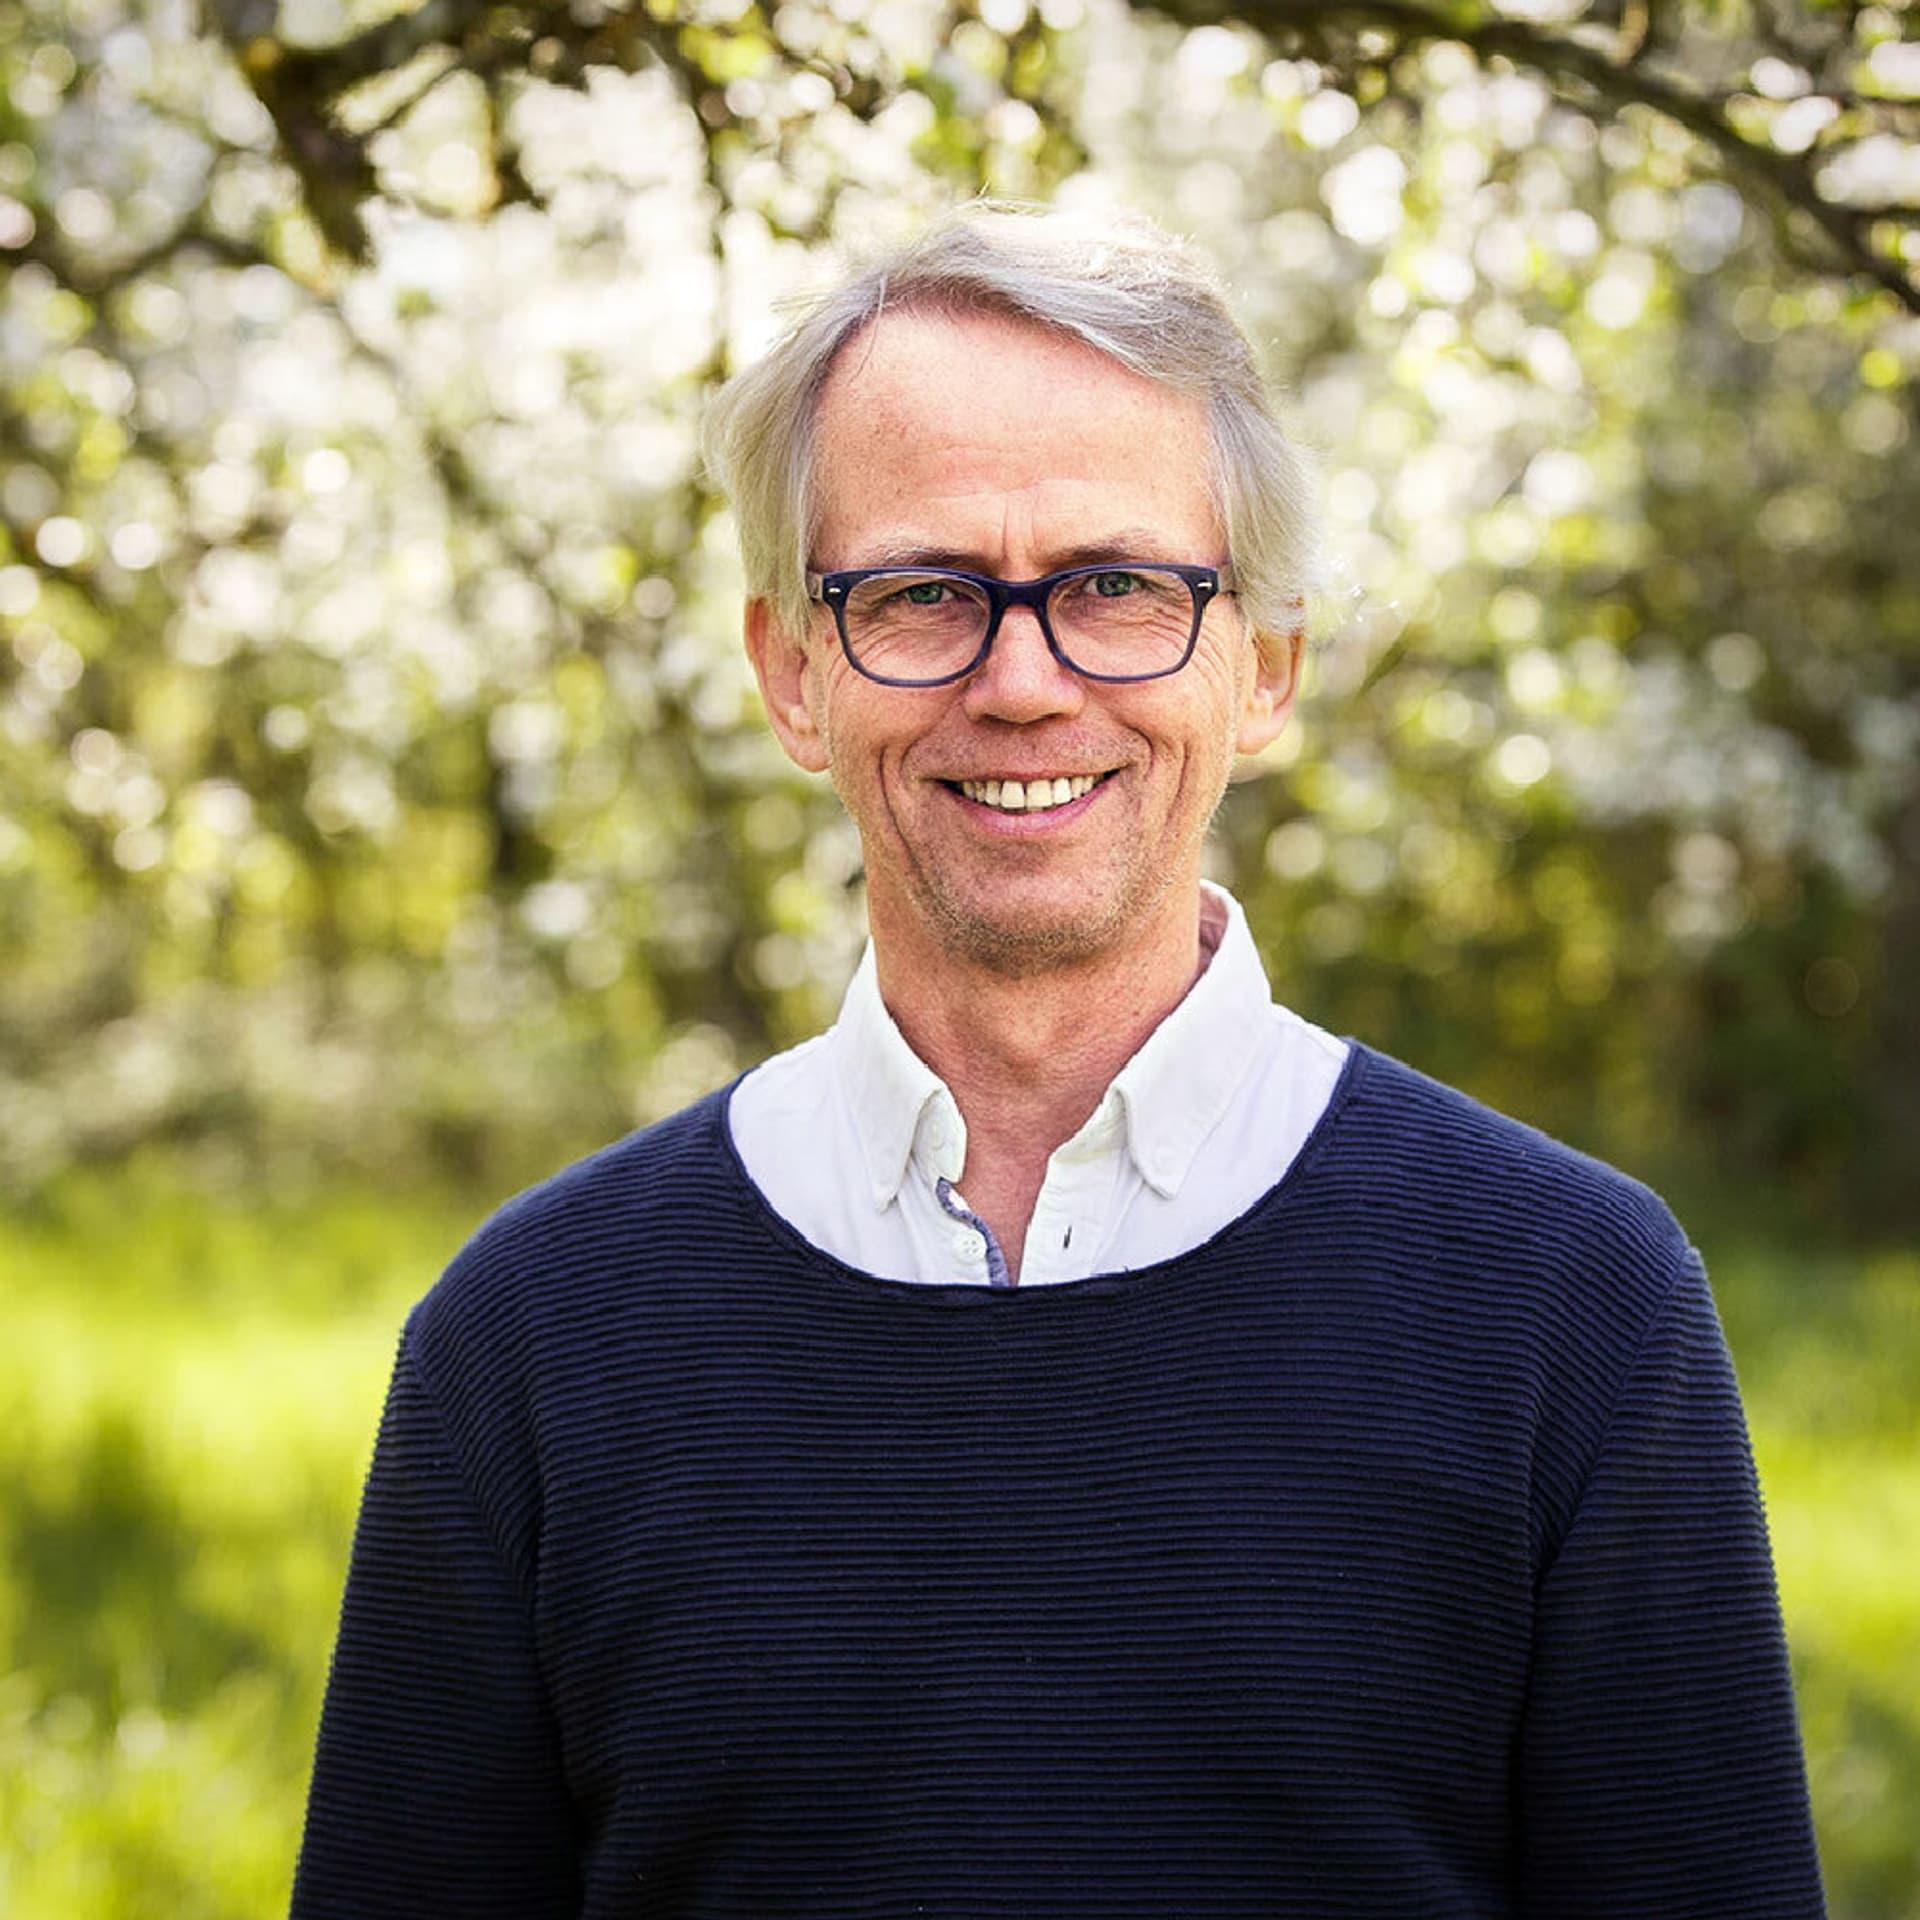 Stefan Voelkel Portrait für Hollerbirl